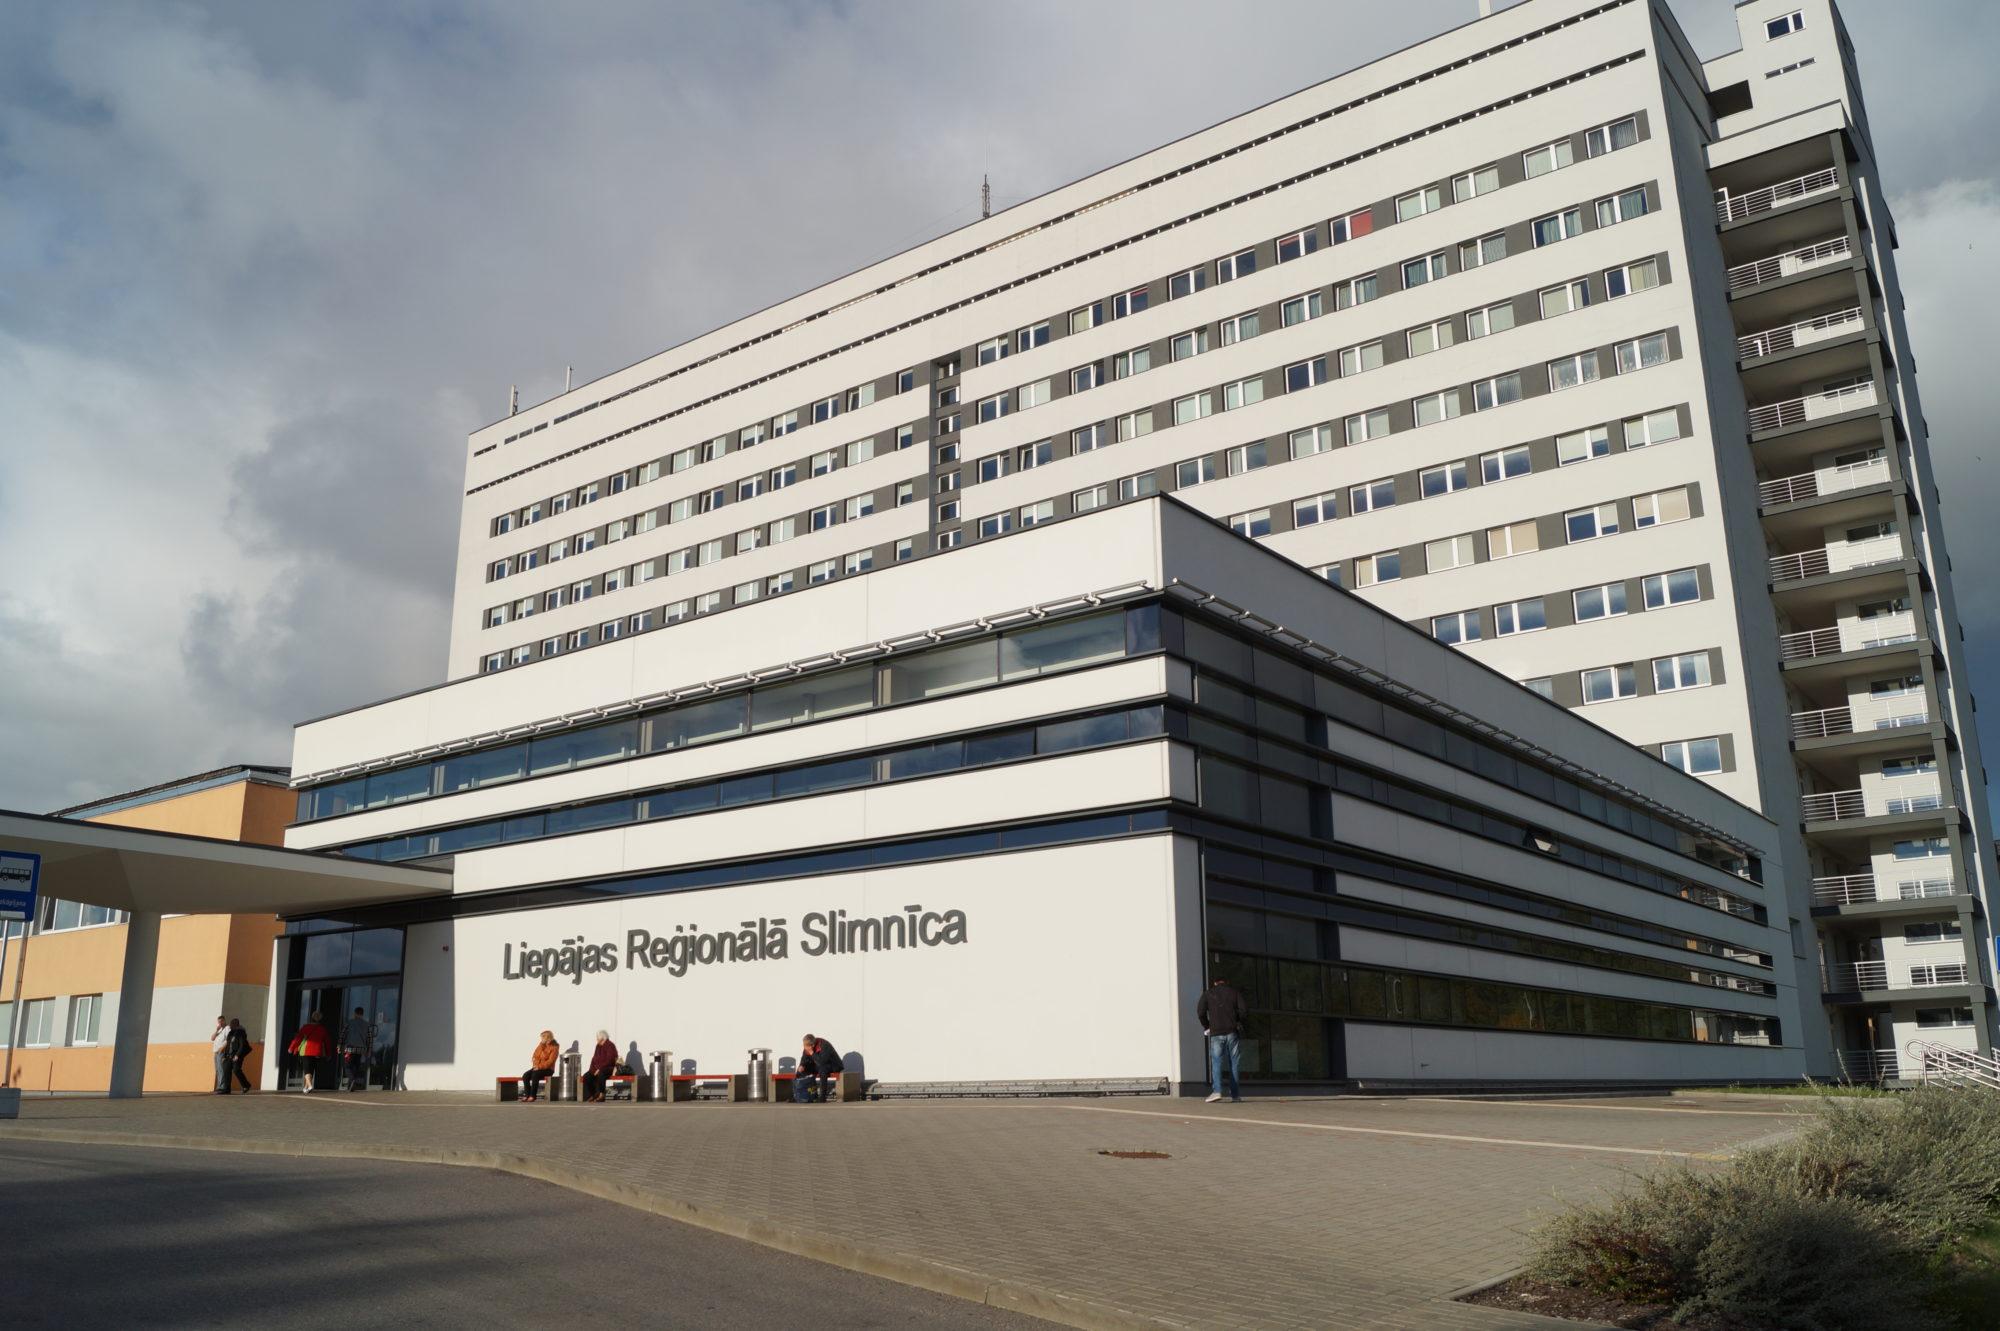 Liepājas pašvaldība no slimnīcas mājās nogādājusi trīs Covid-19 pacientus